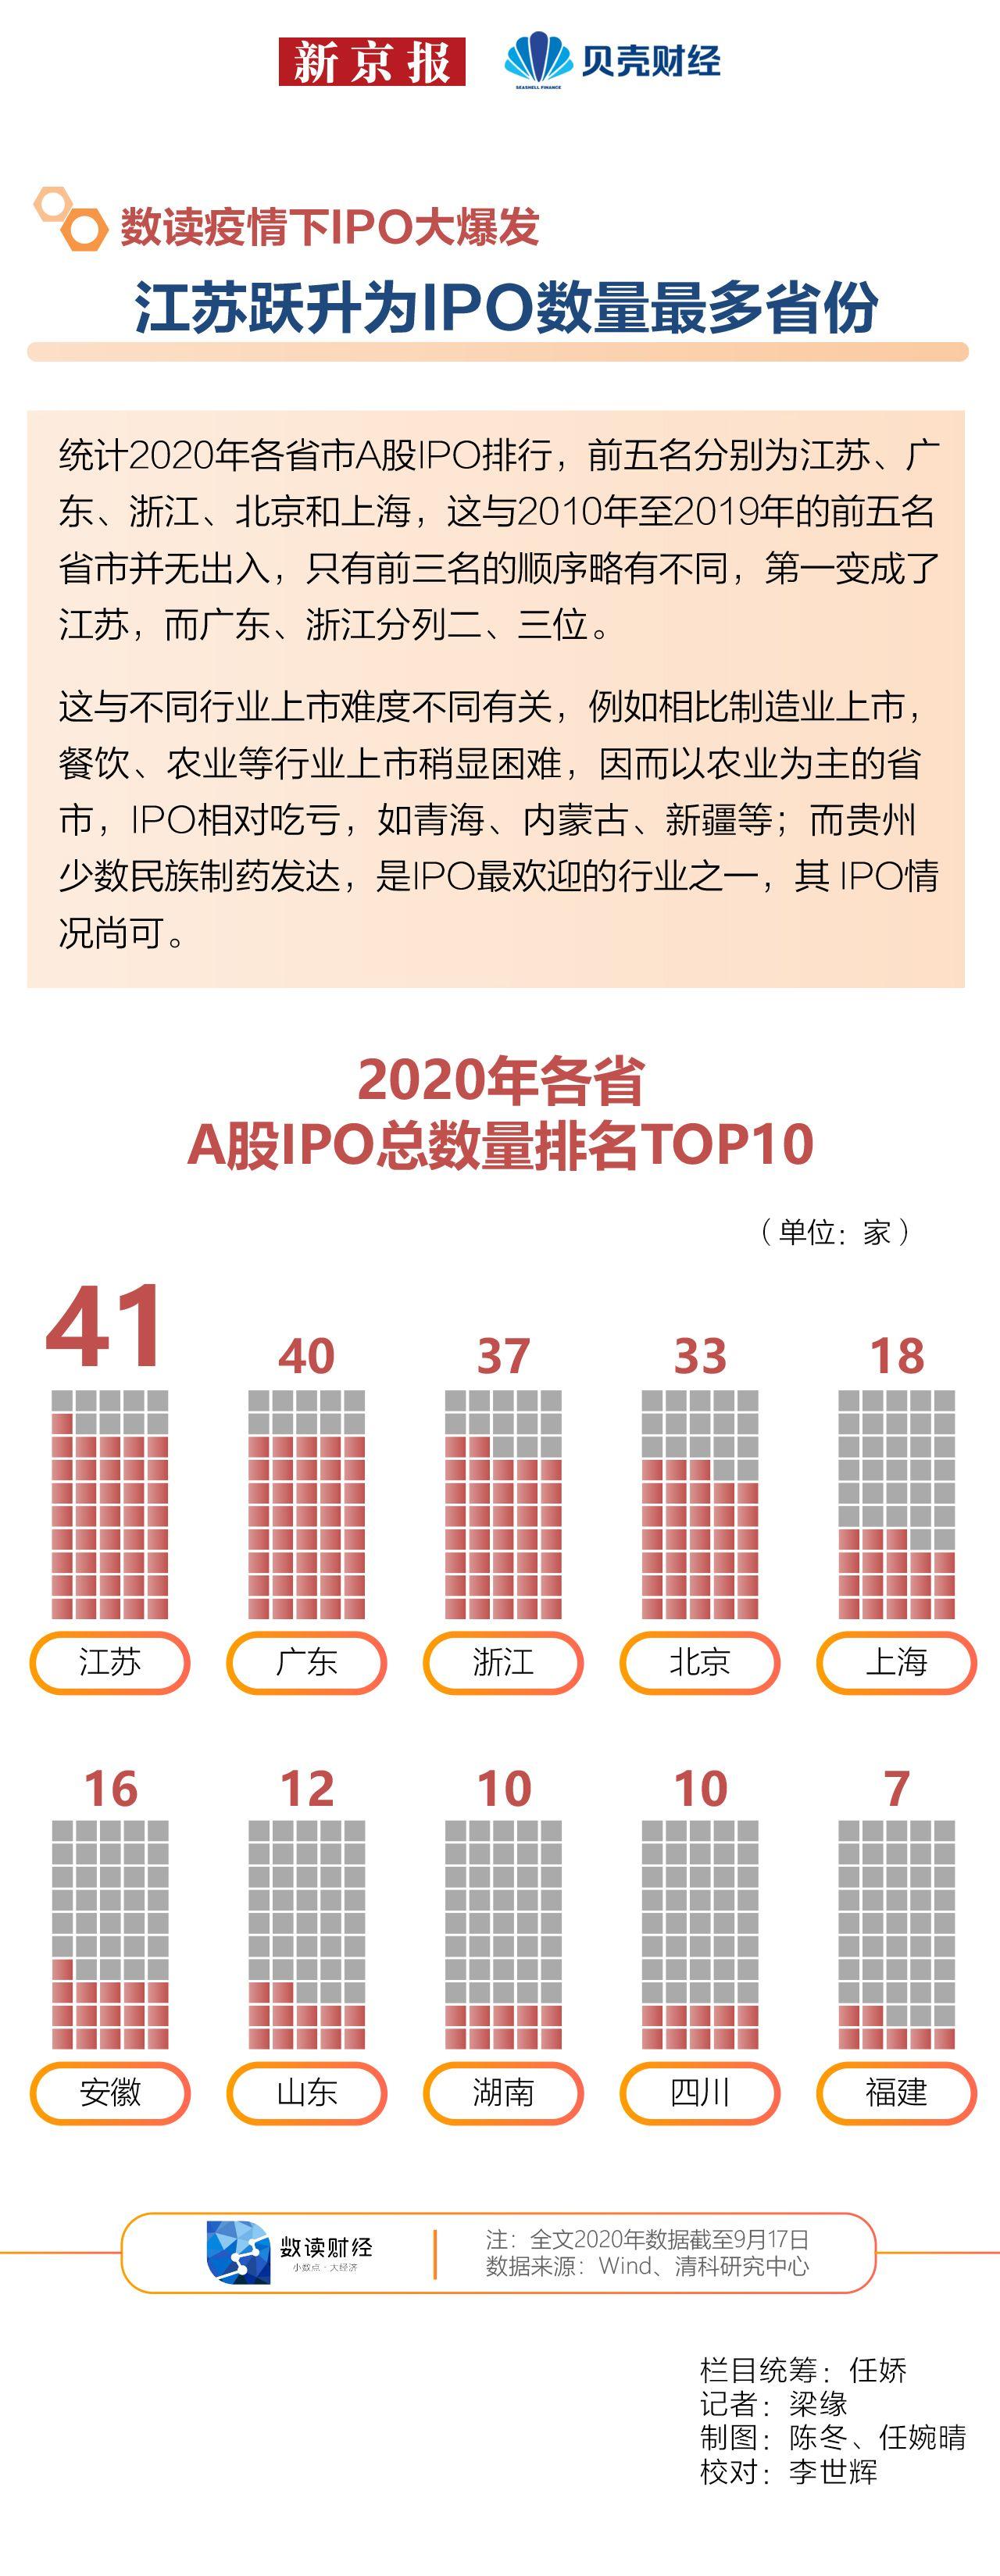 数读|疫情下IPO大爆发④ 江苏跃升为IPO数量最多省份图片